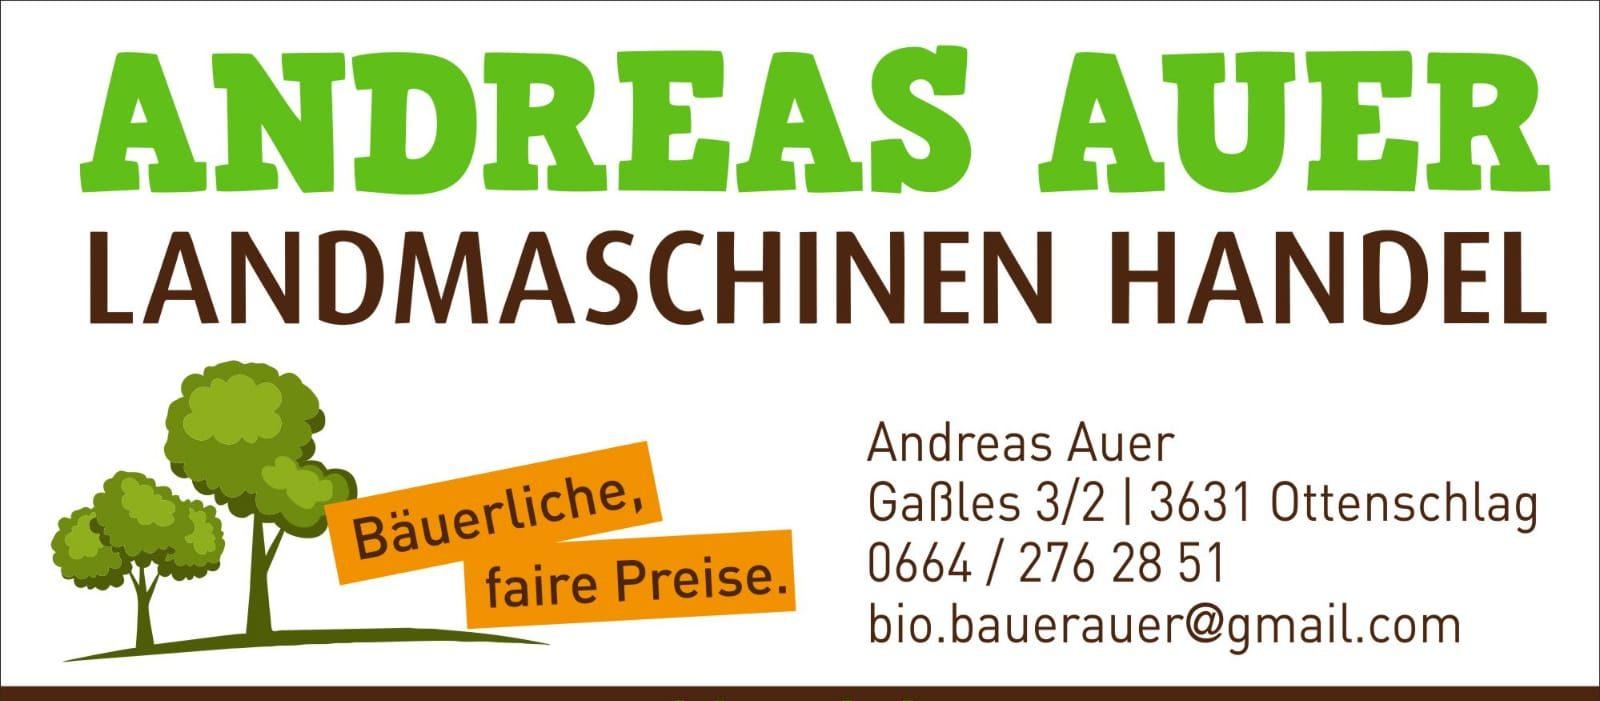 Andreas Auer Landmaschinen